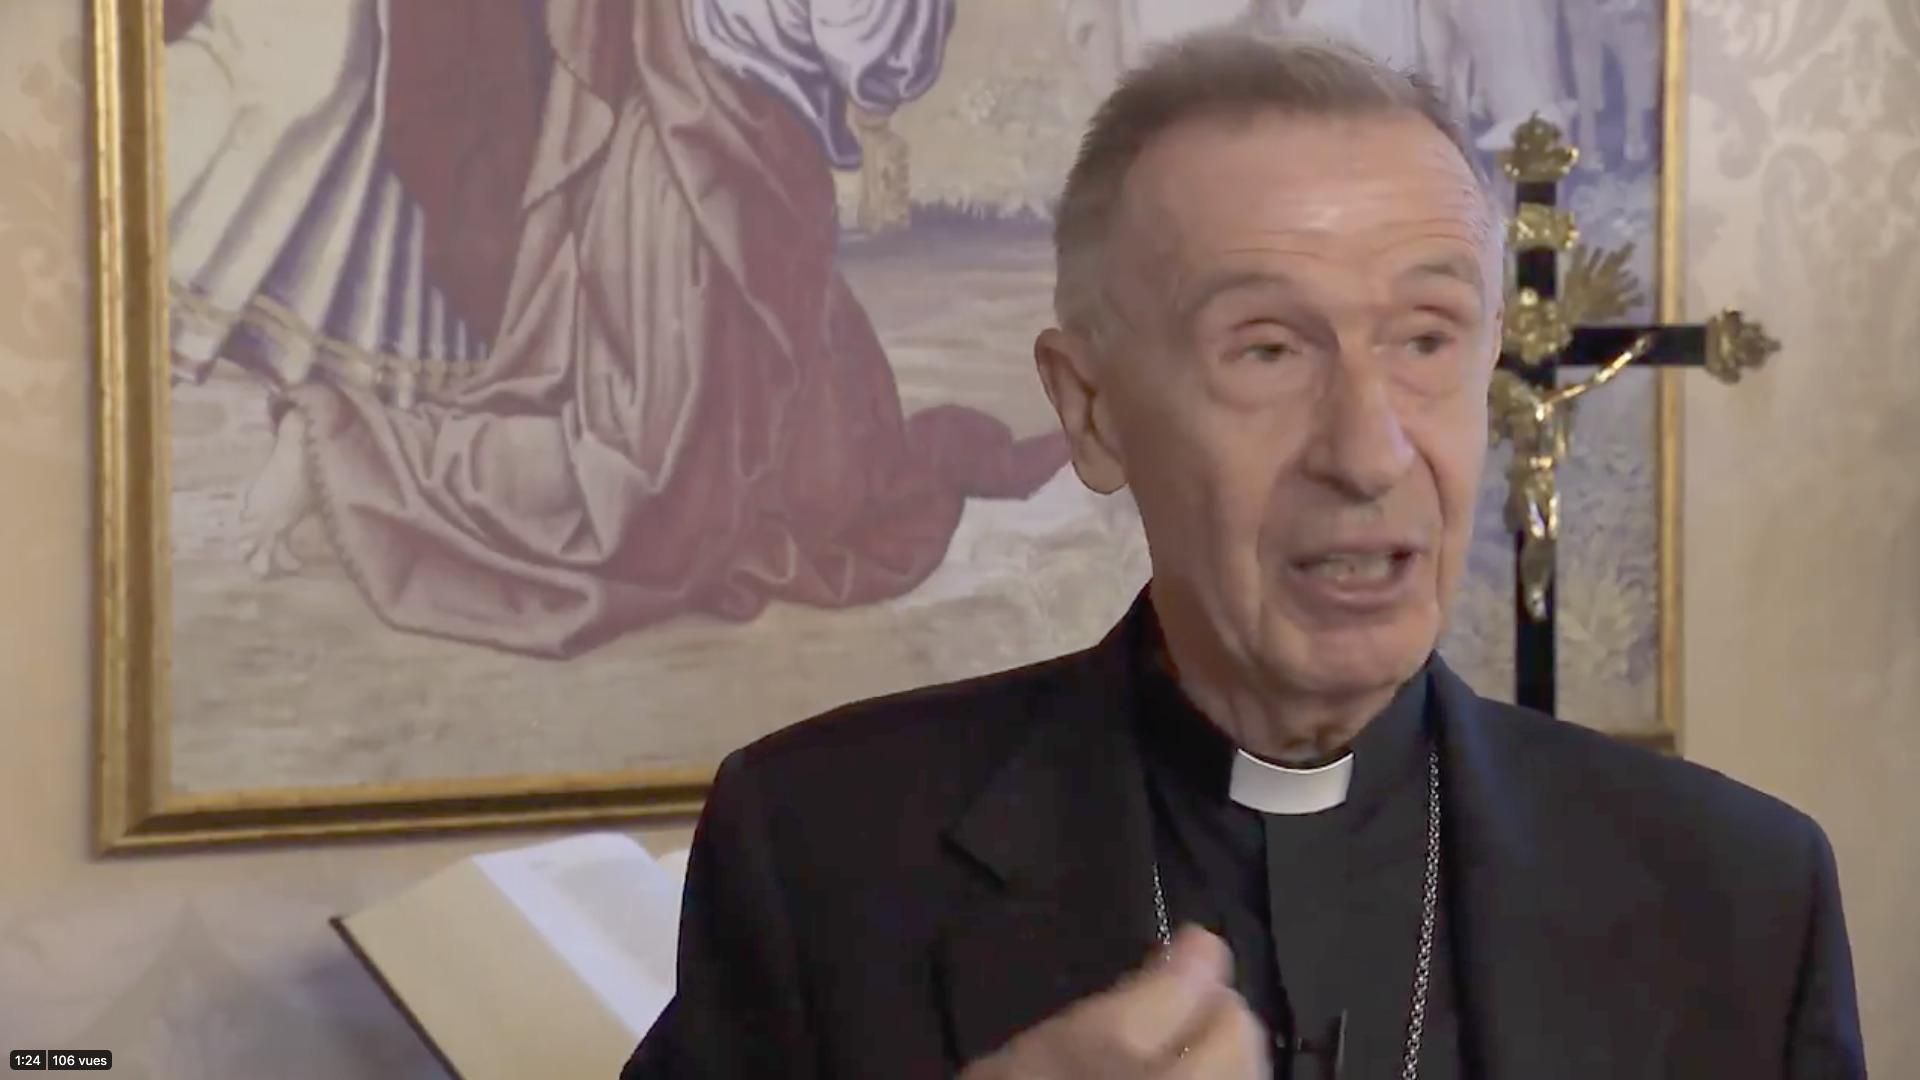 Card. Luis Ladaria Ferrer, capture @ Vatican Media